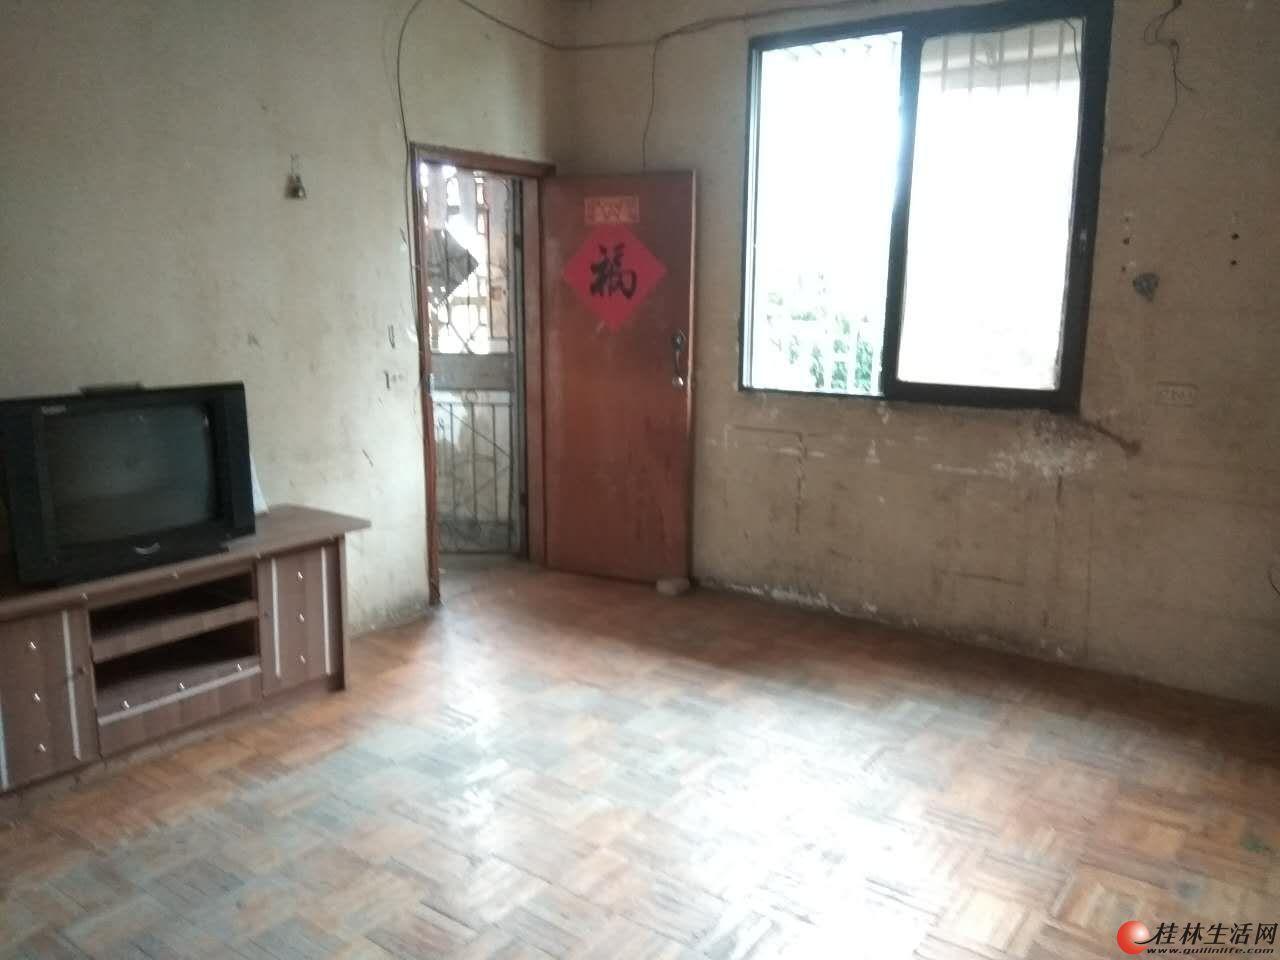 铁西一里铁西小学附近两室一厅四楼